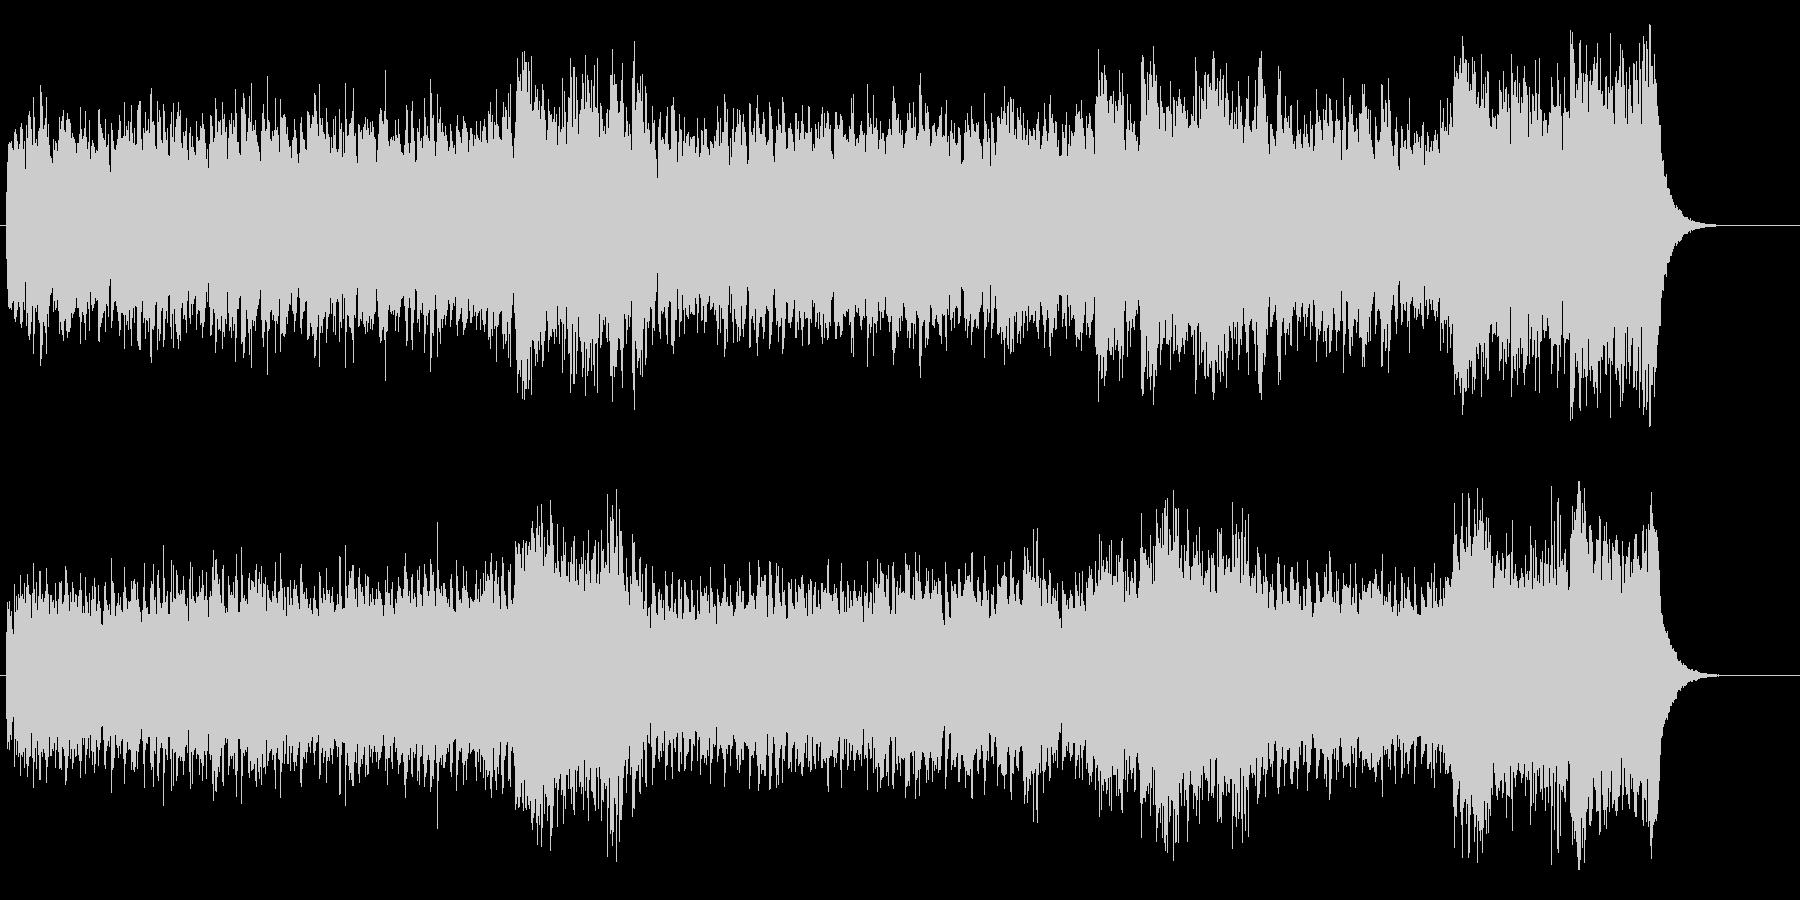 環境音楽(控えめでサイコ・チック)の未再生の波形